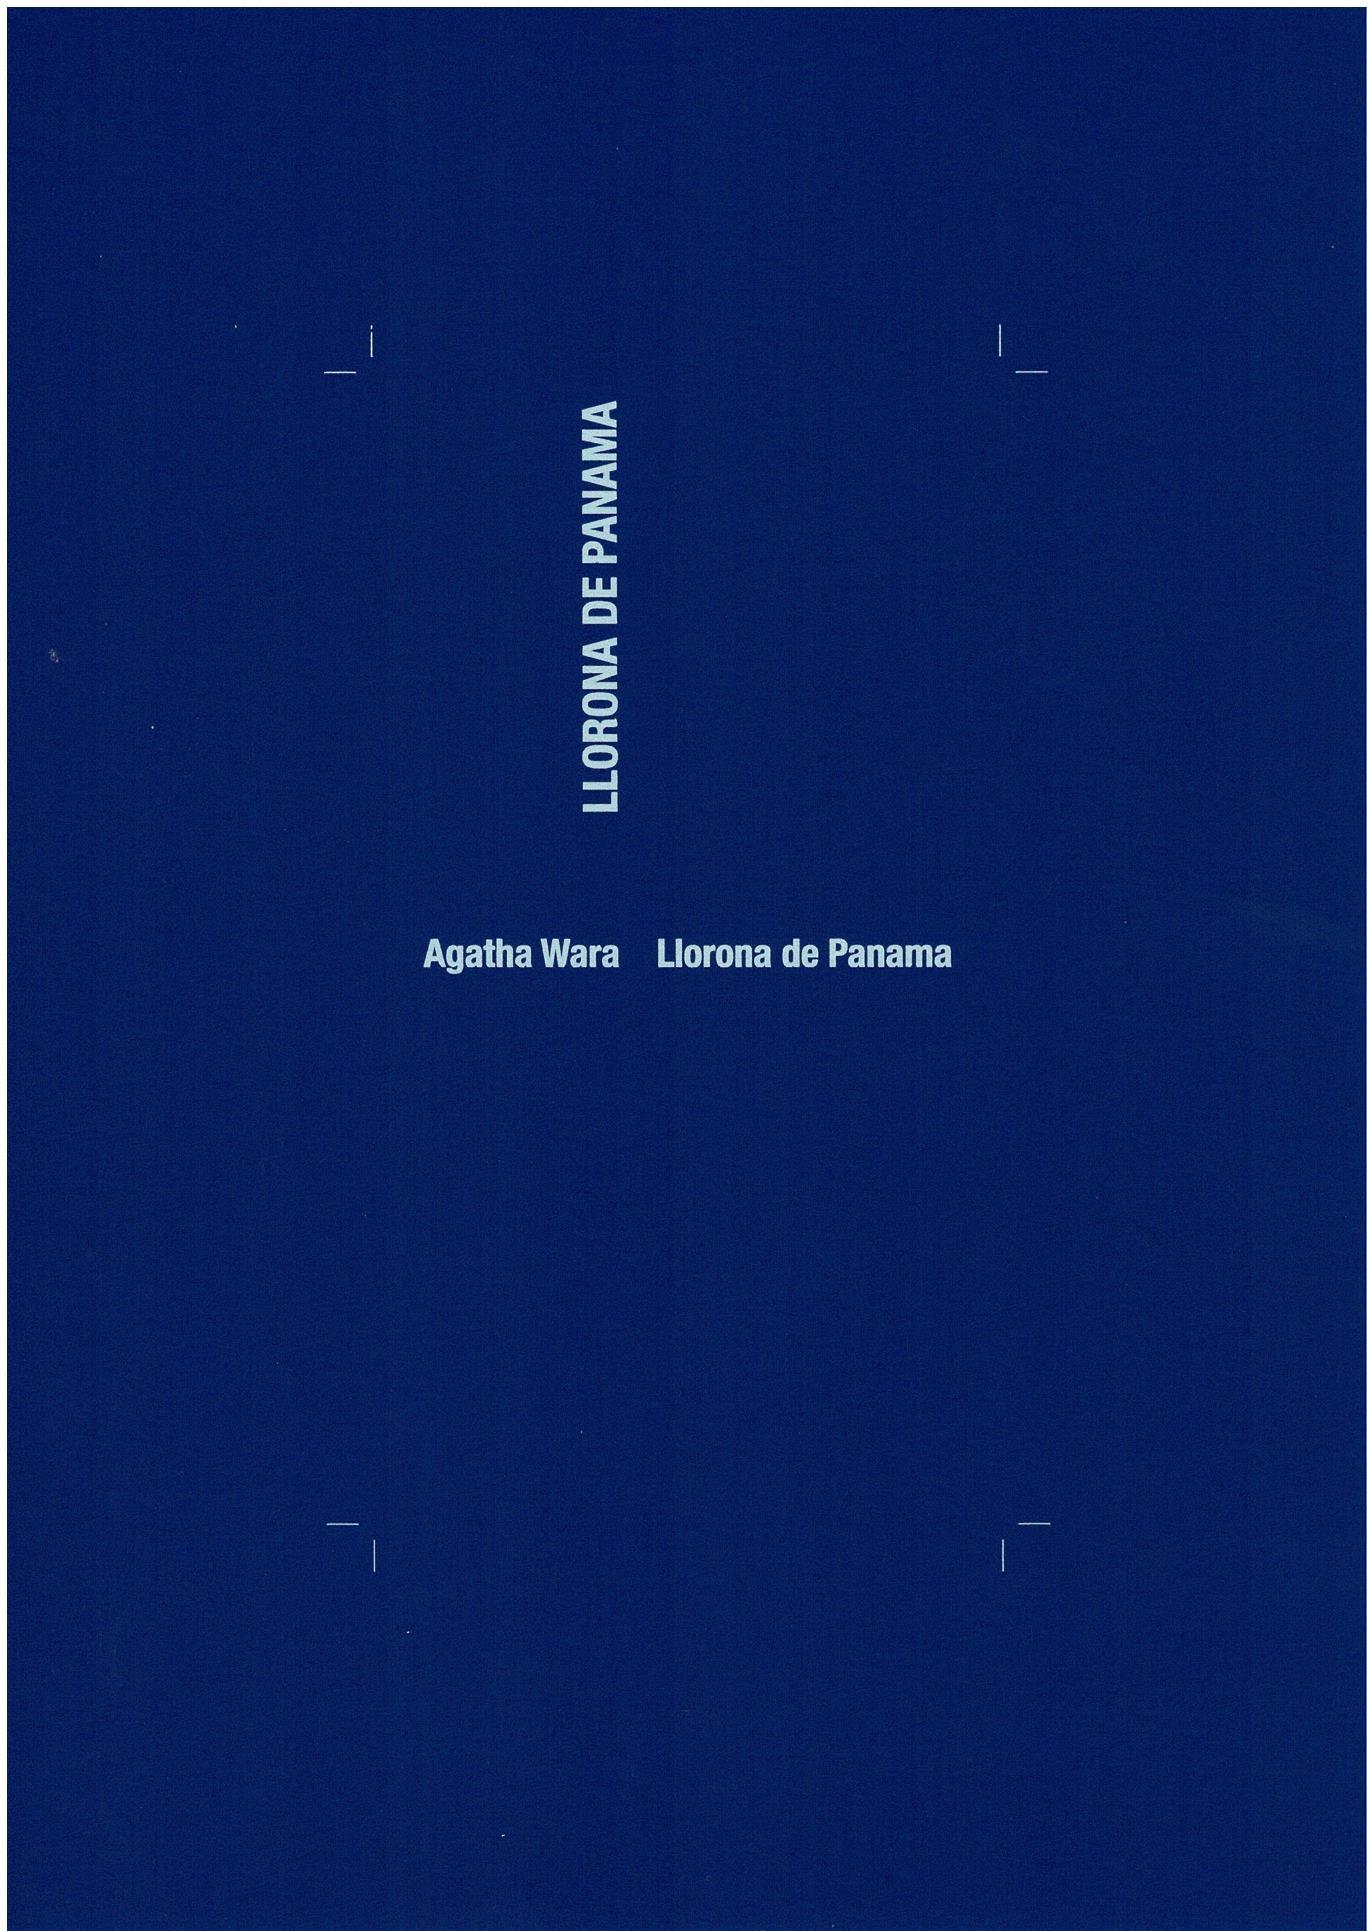 Llorona de Panama - Agatha Wara